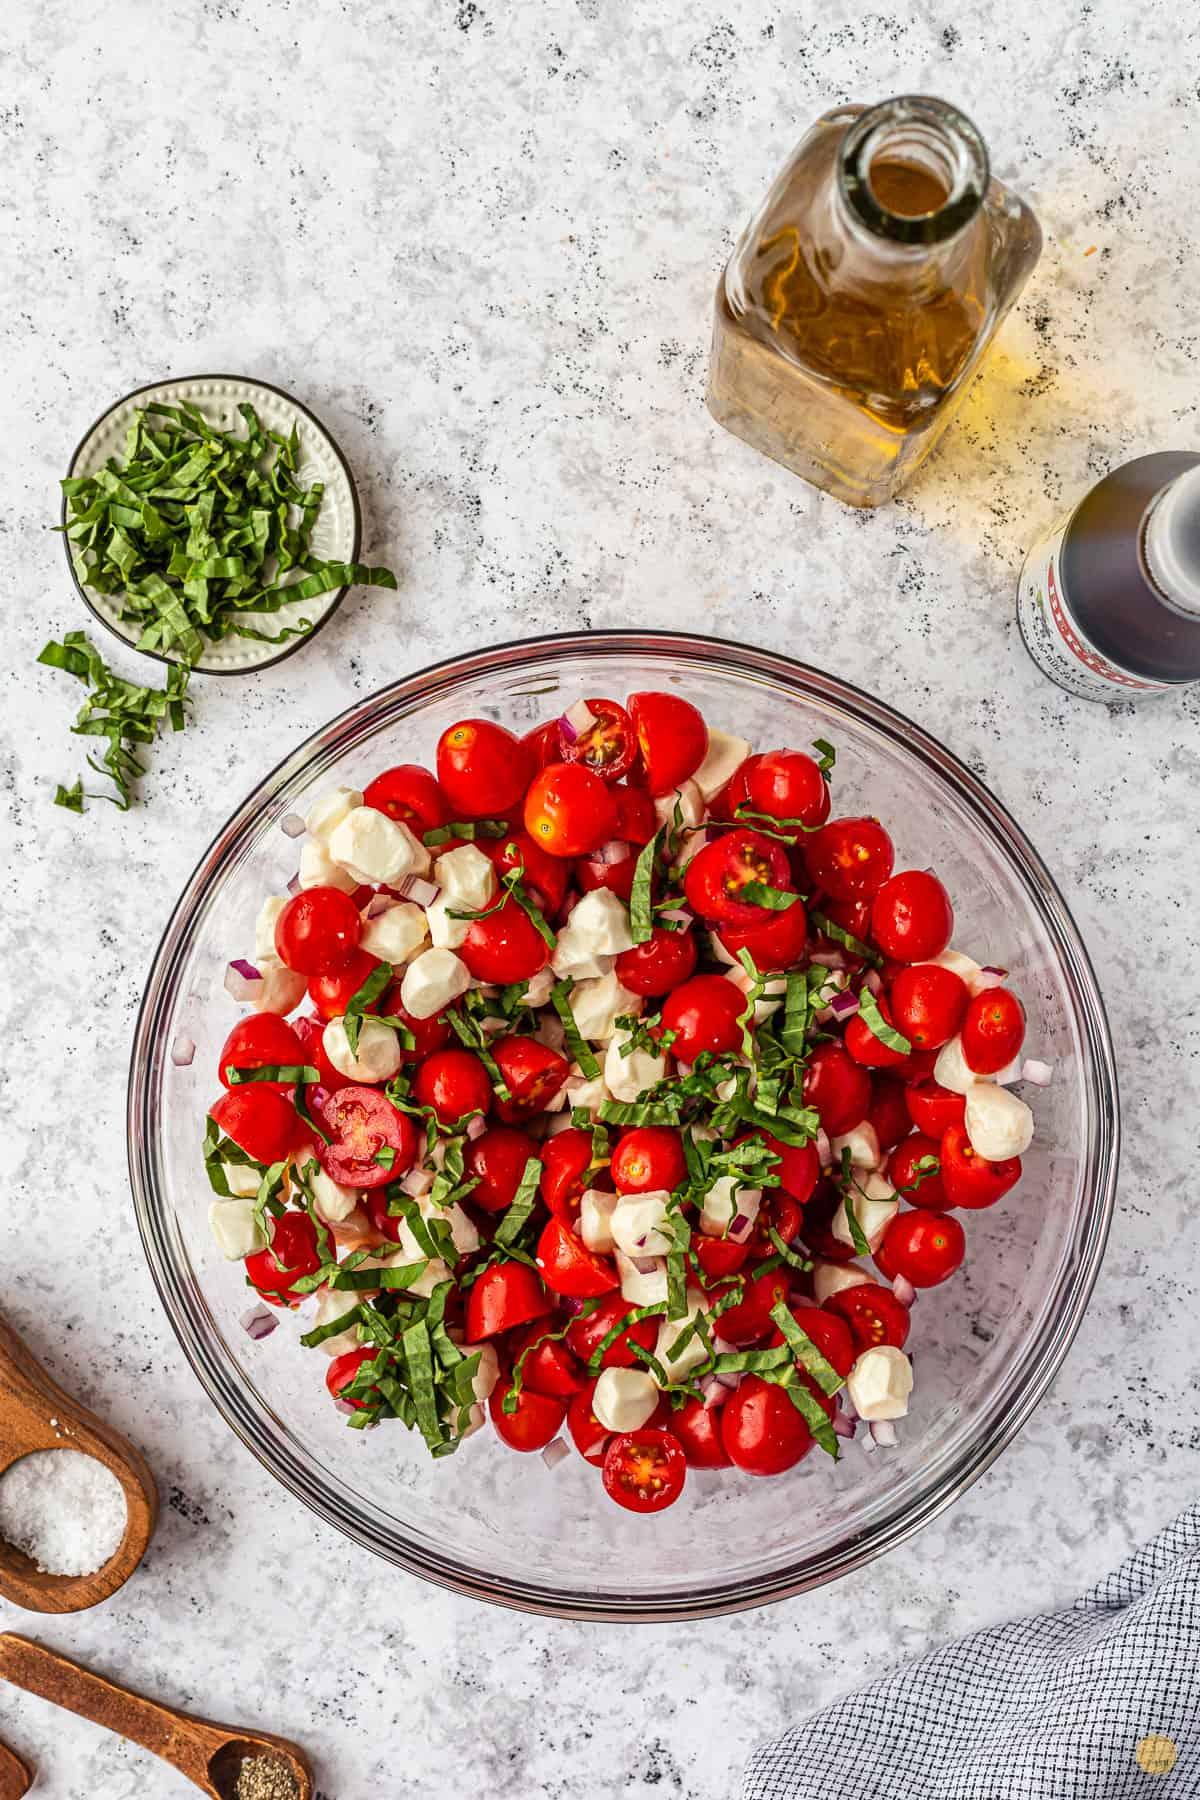 caprese salad in a bowl